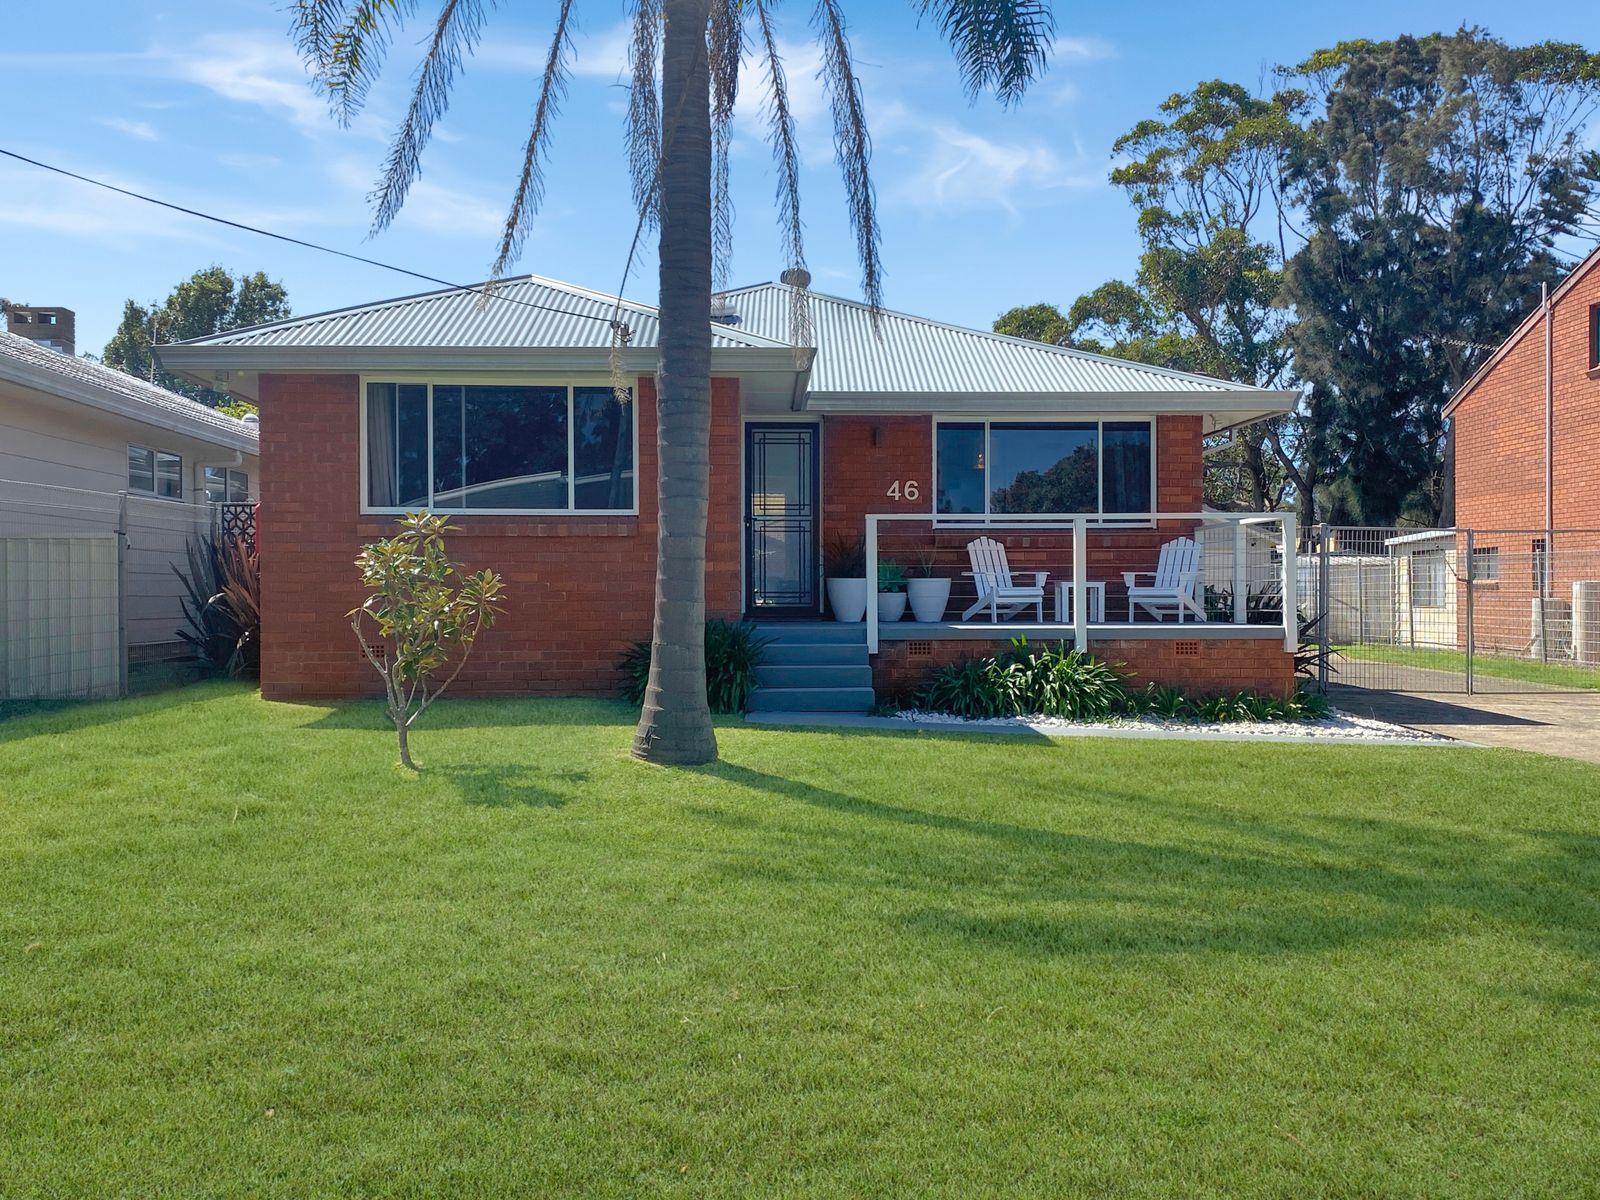 46 Addison Road, Culburra Beach, NSW 2540